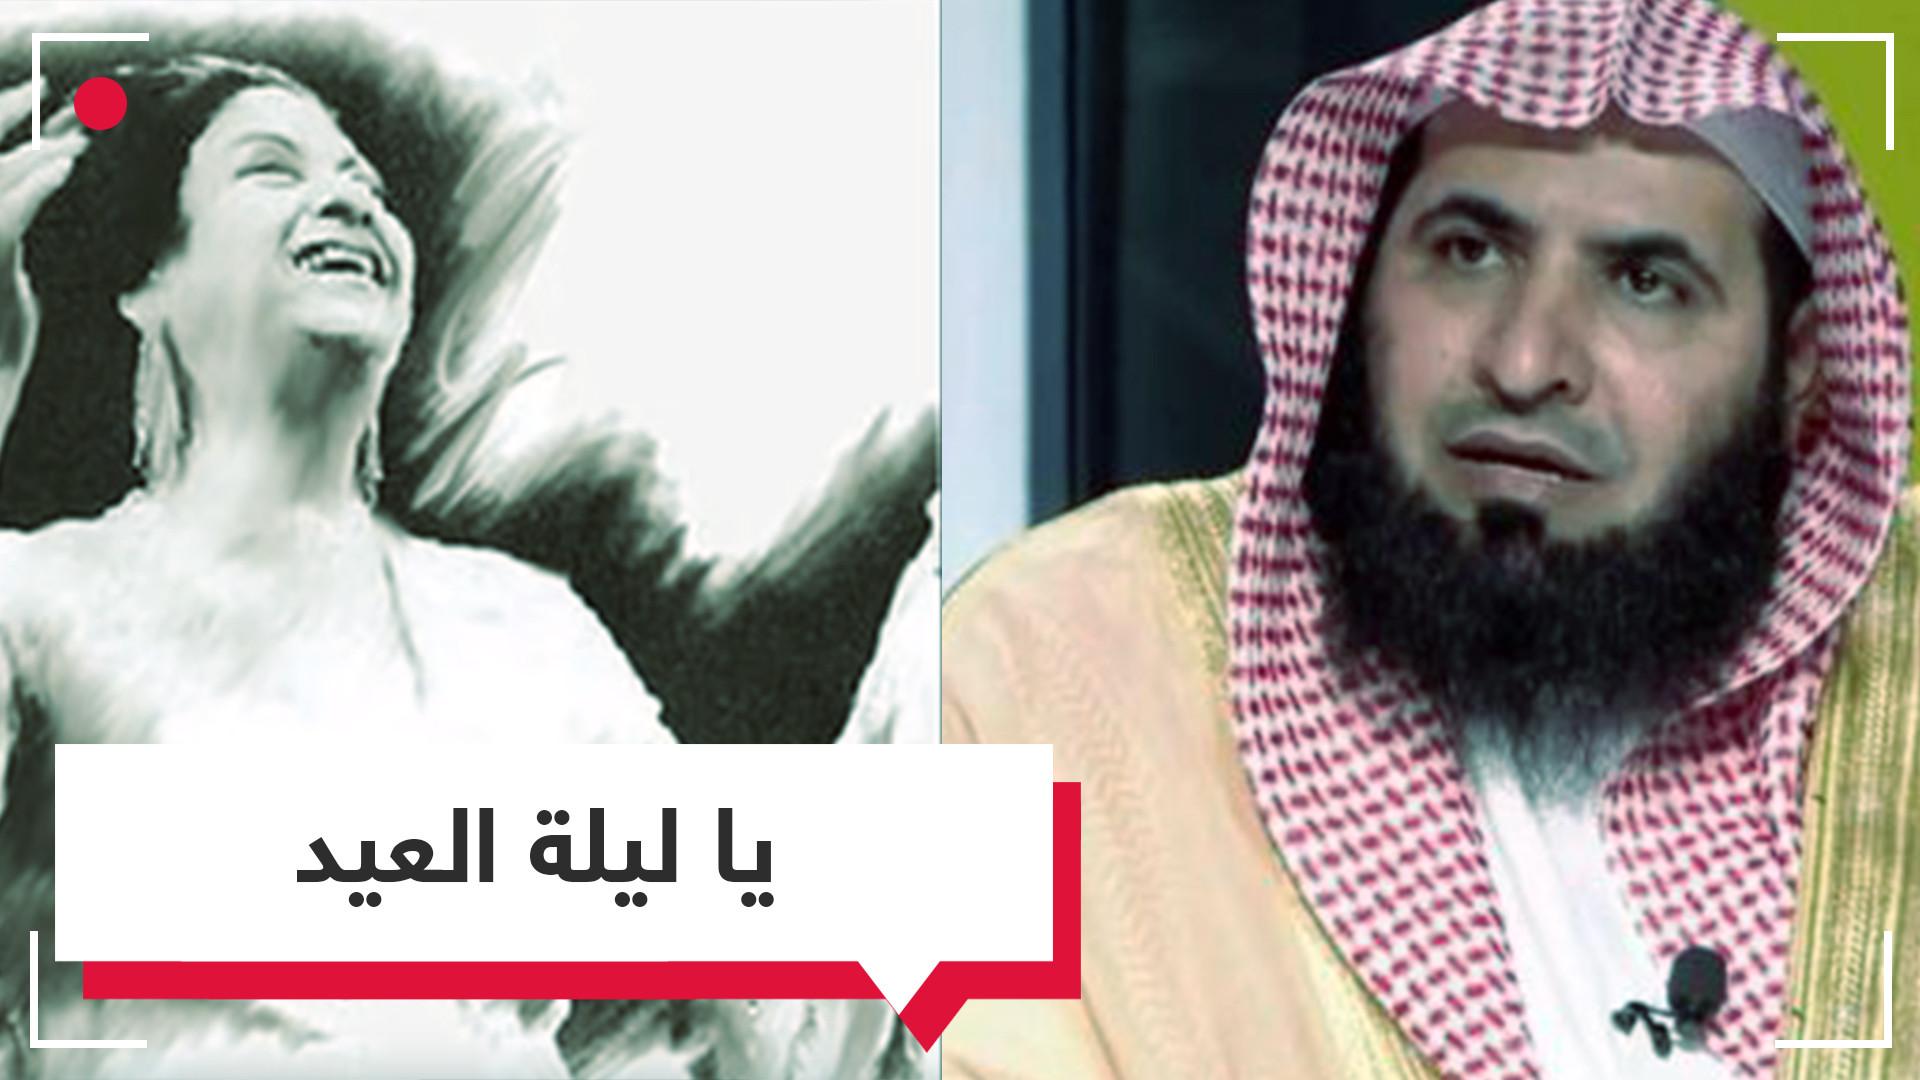 لنشره أغنية لأم كلثوم..  داعية سعودي يثير جدلا على مواقع التواصل